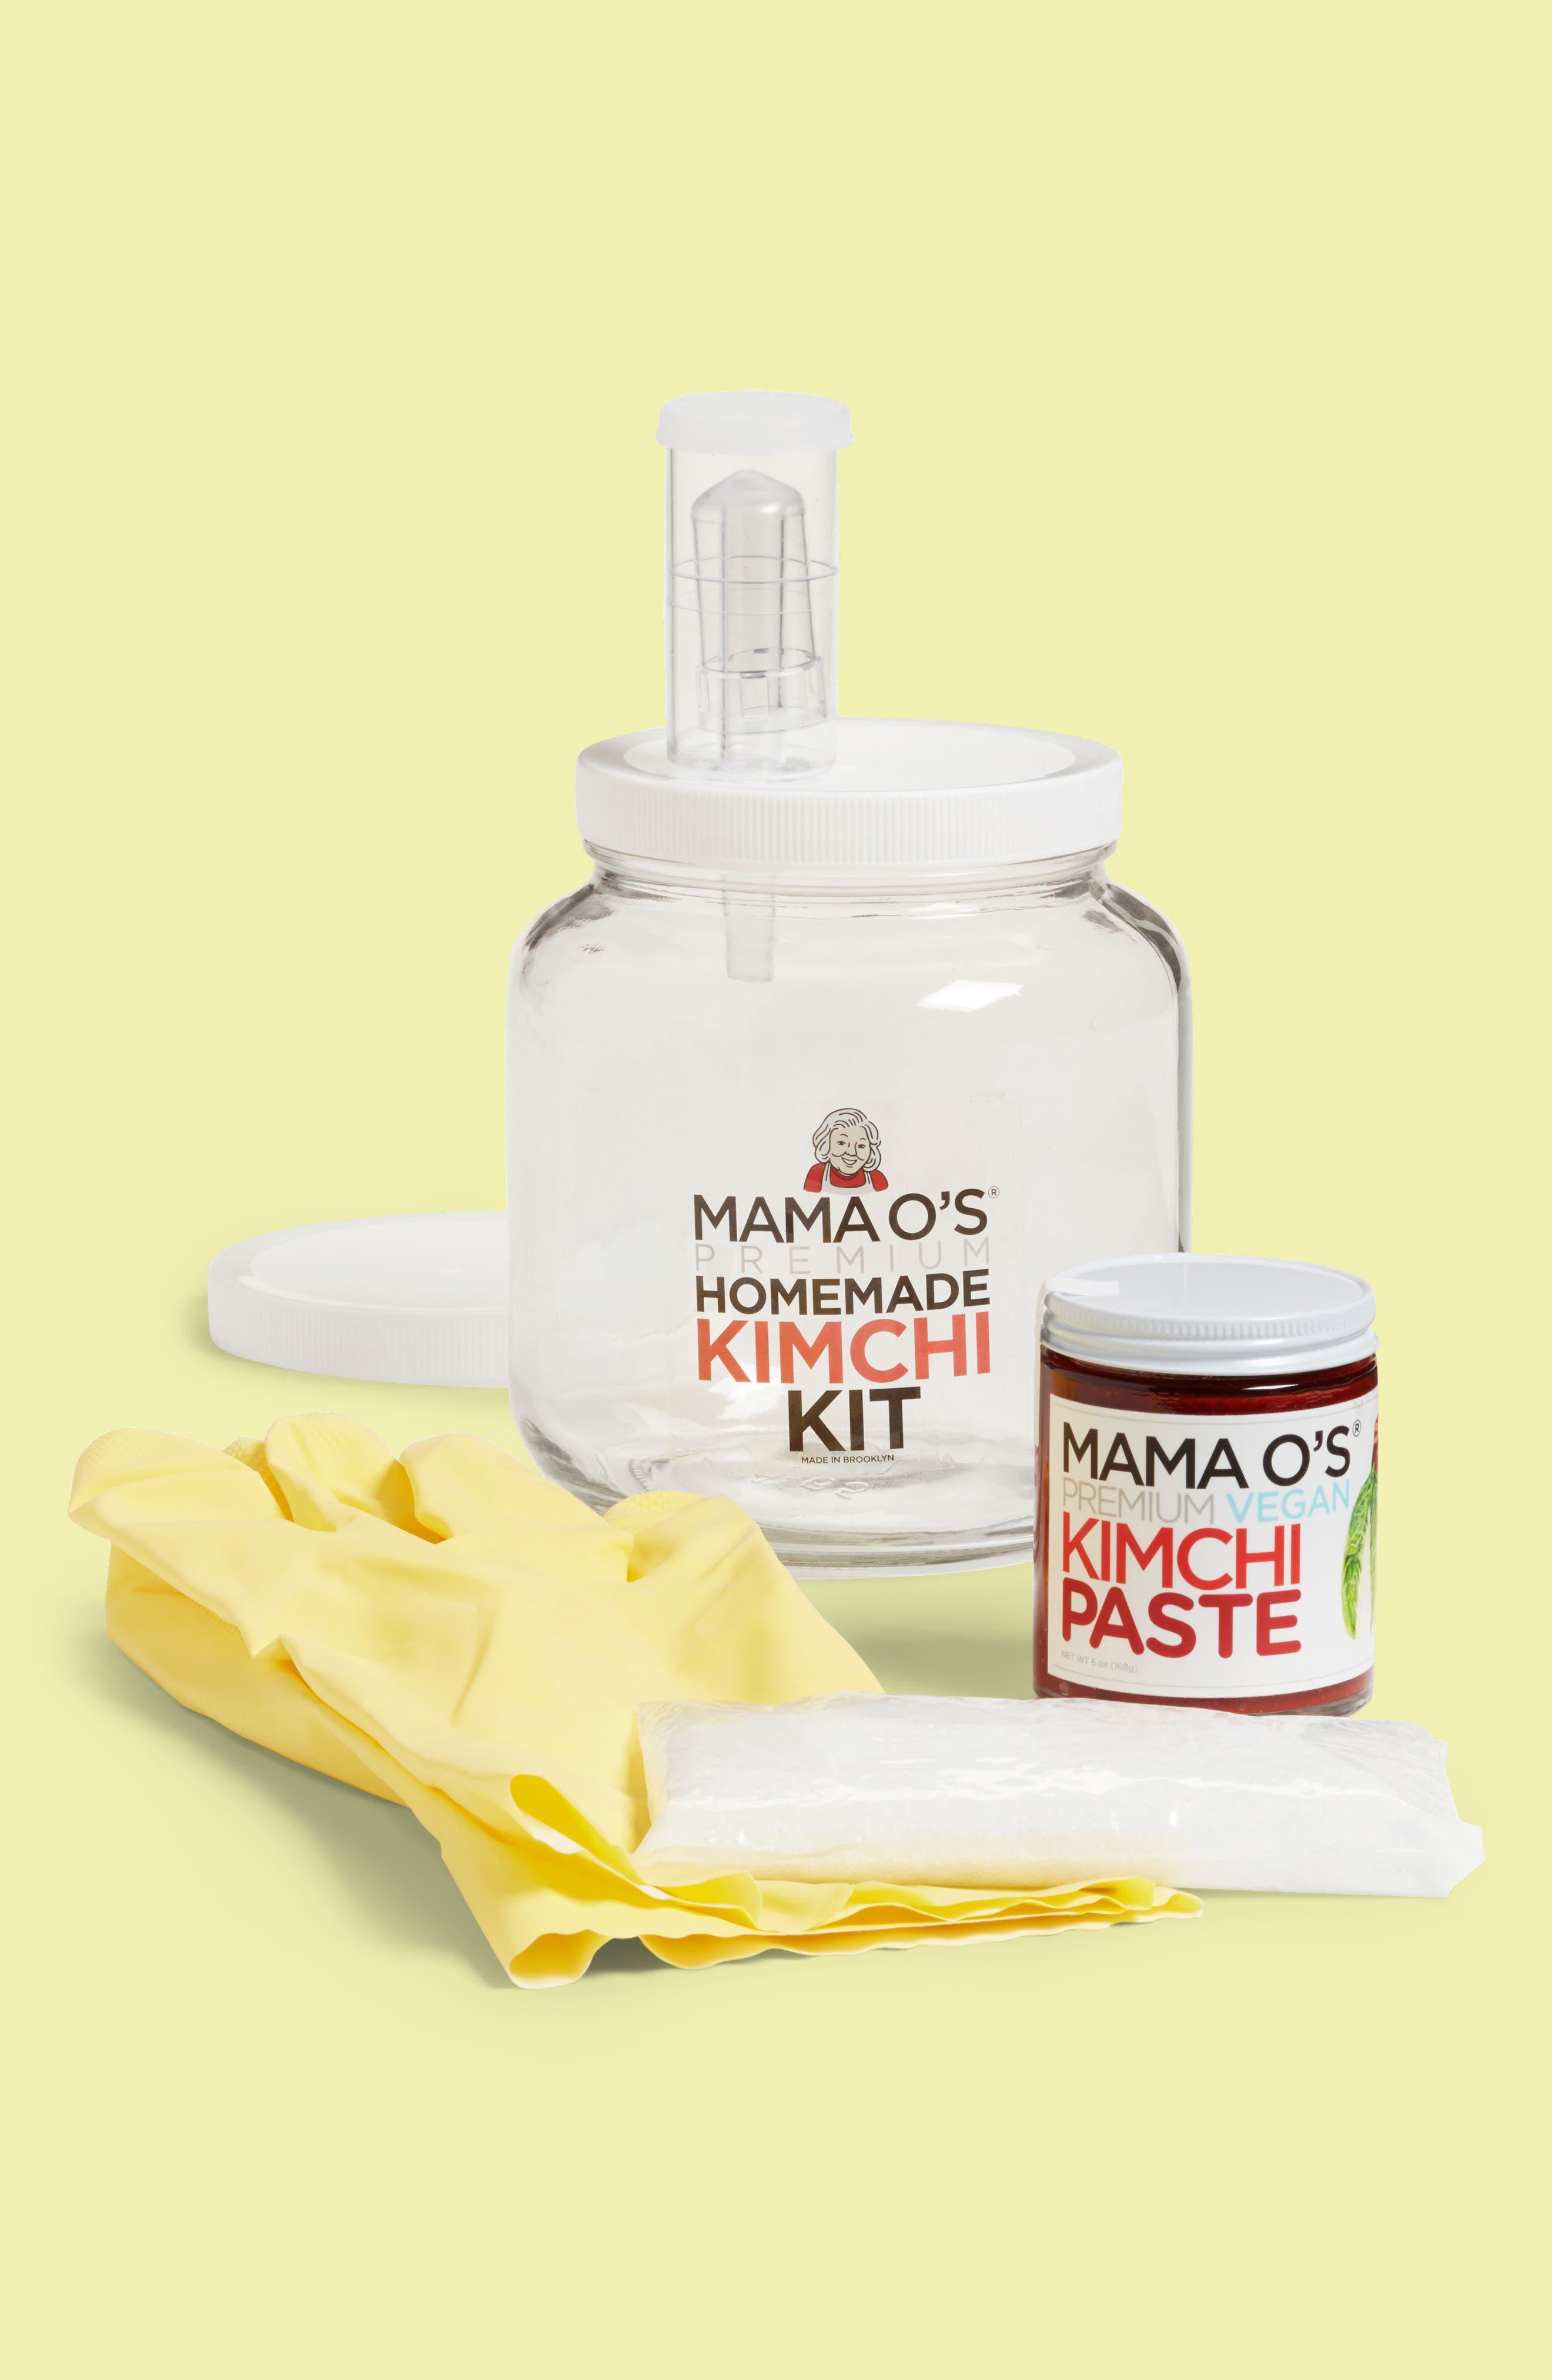 Mama O's Premium Kimchi Premium Homemade Kimchi Kit